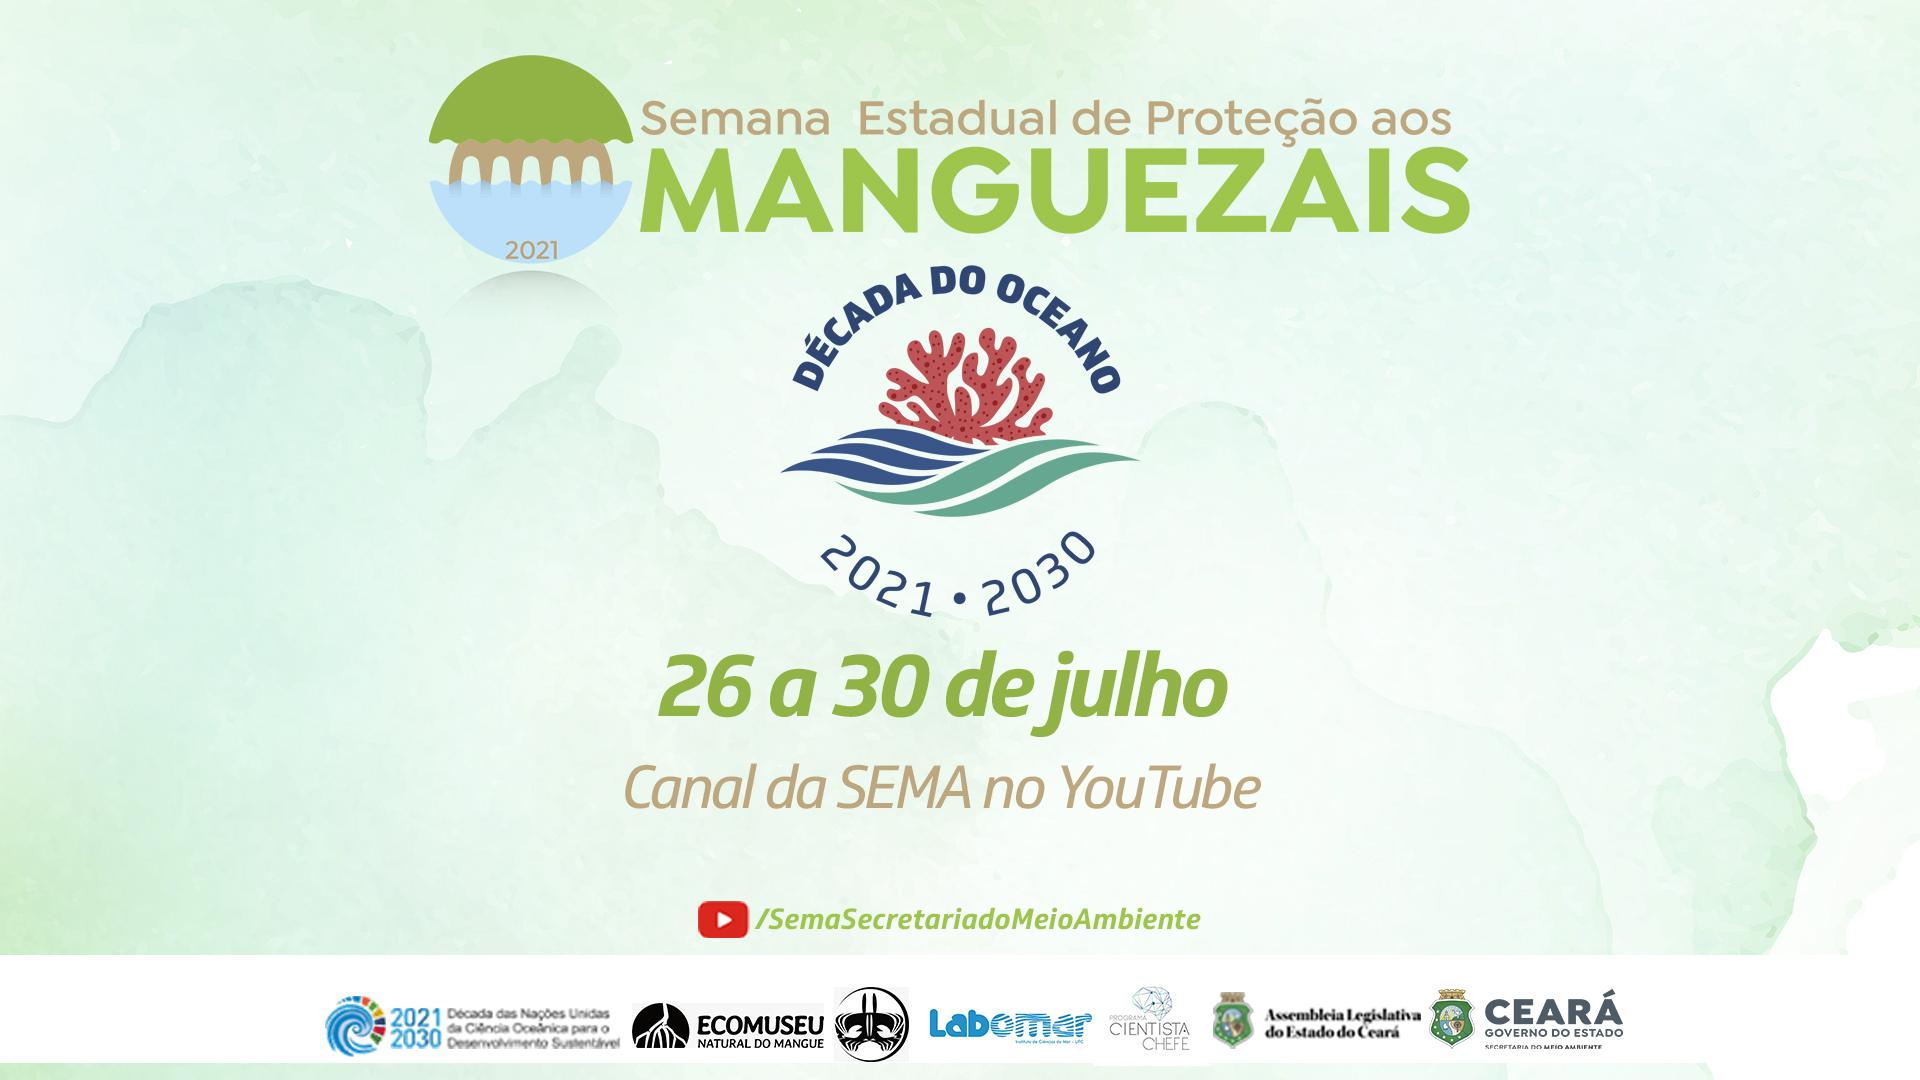 Semana Estadual de Proteção dos Manguezais encerra-se nesta sexta